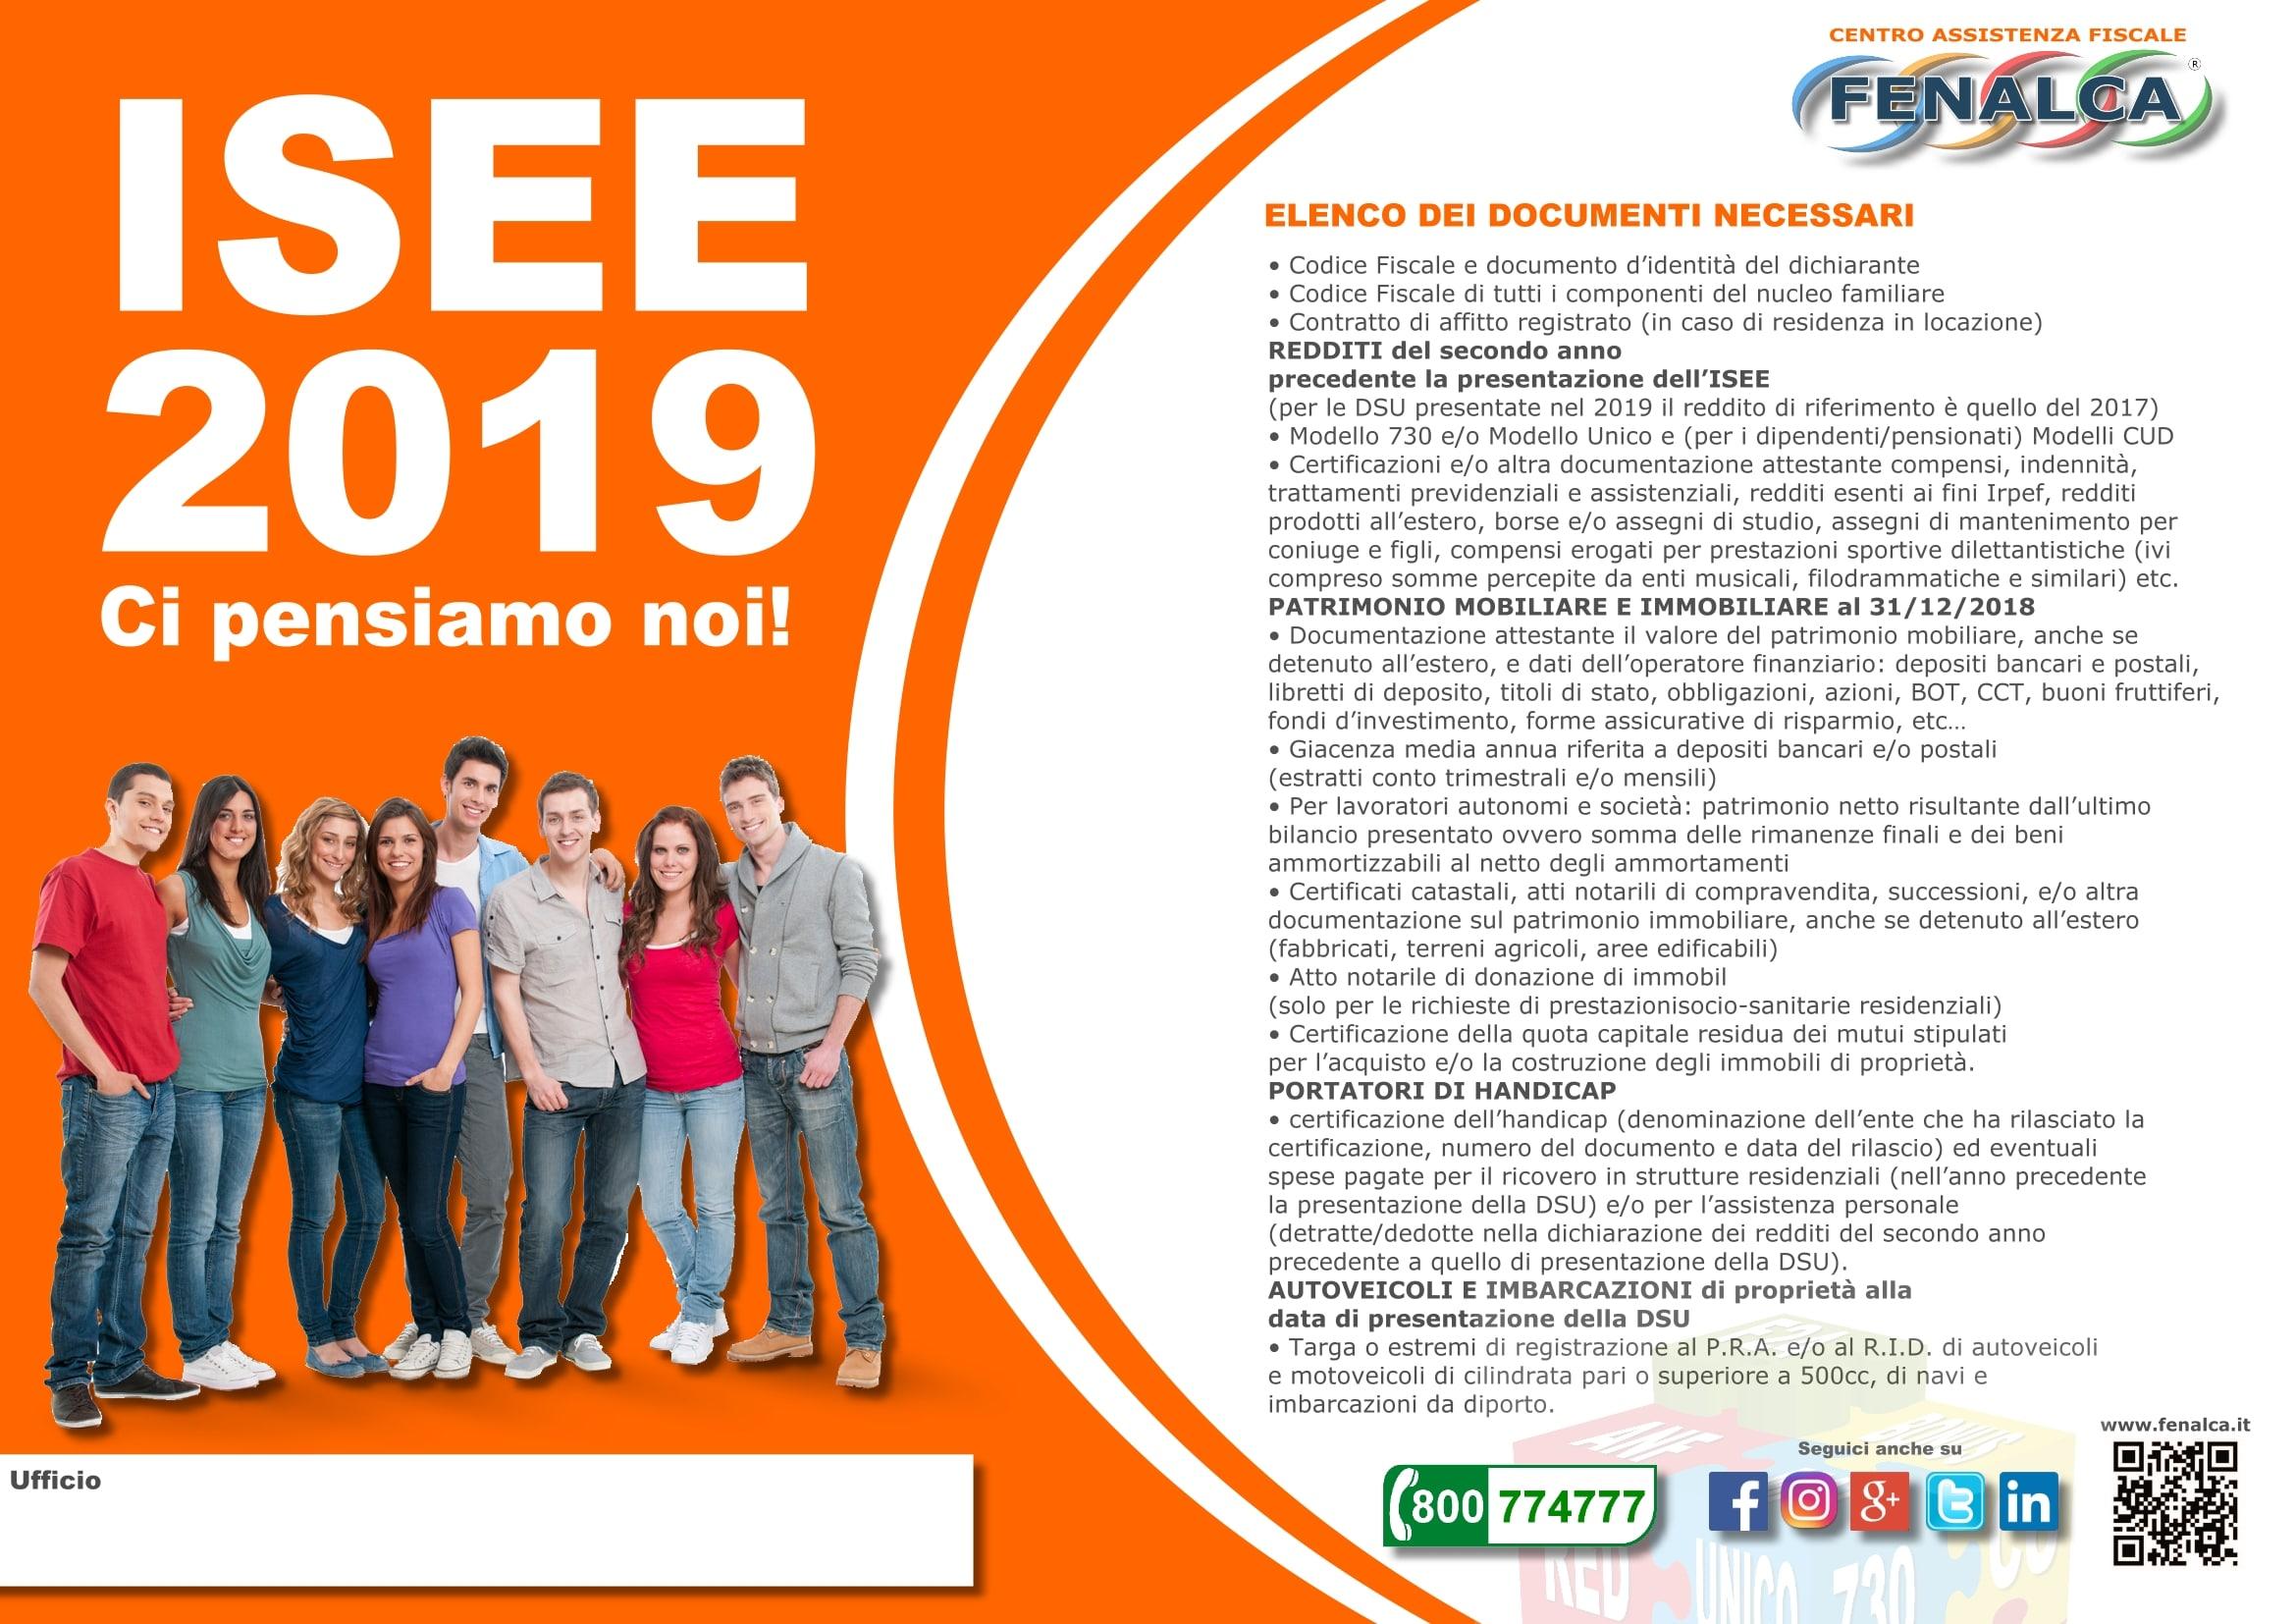 ISEE 2019: ecco tutta la documentazione